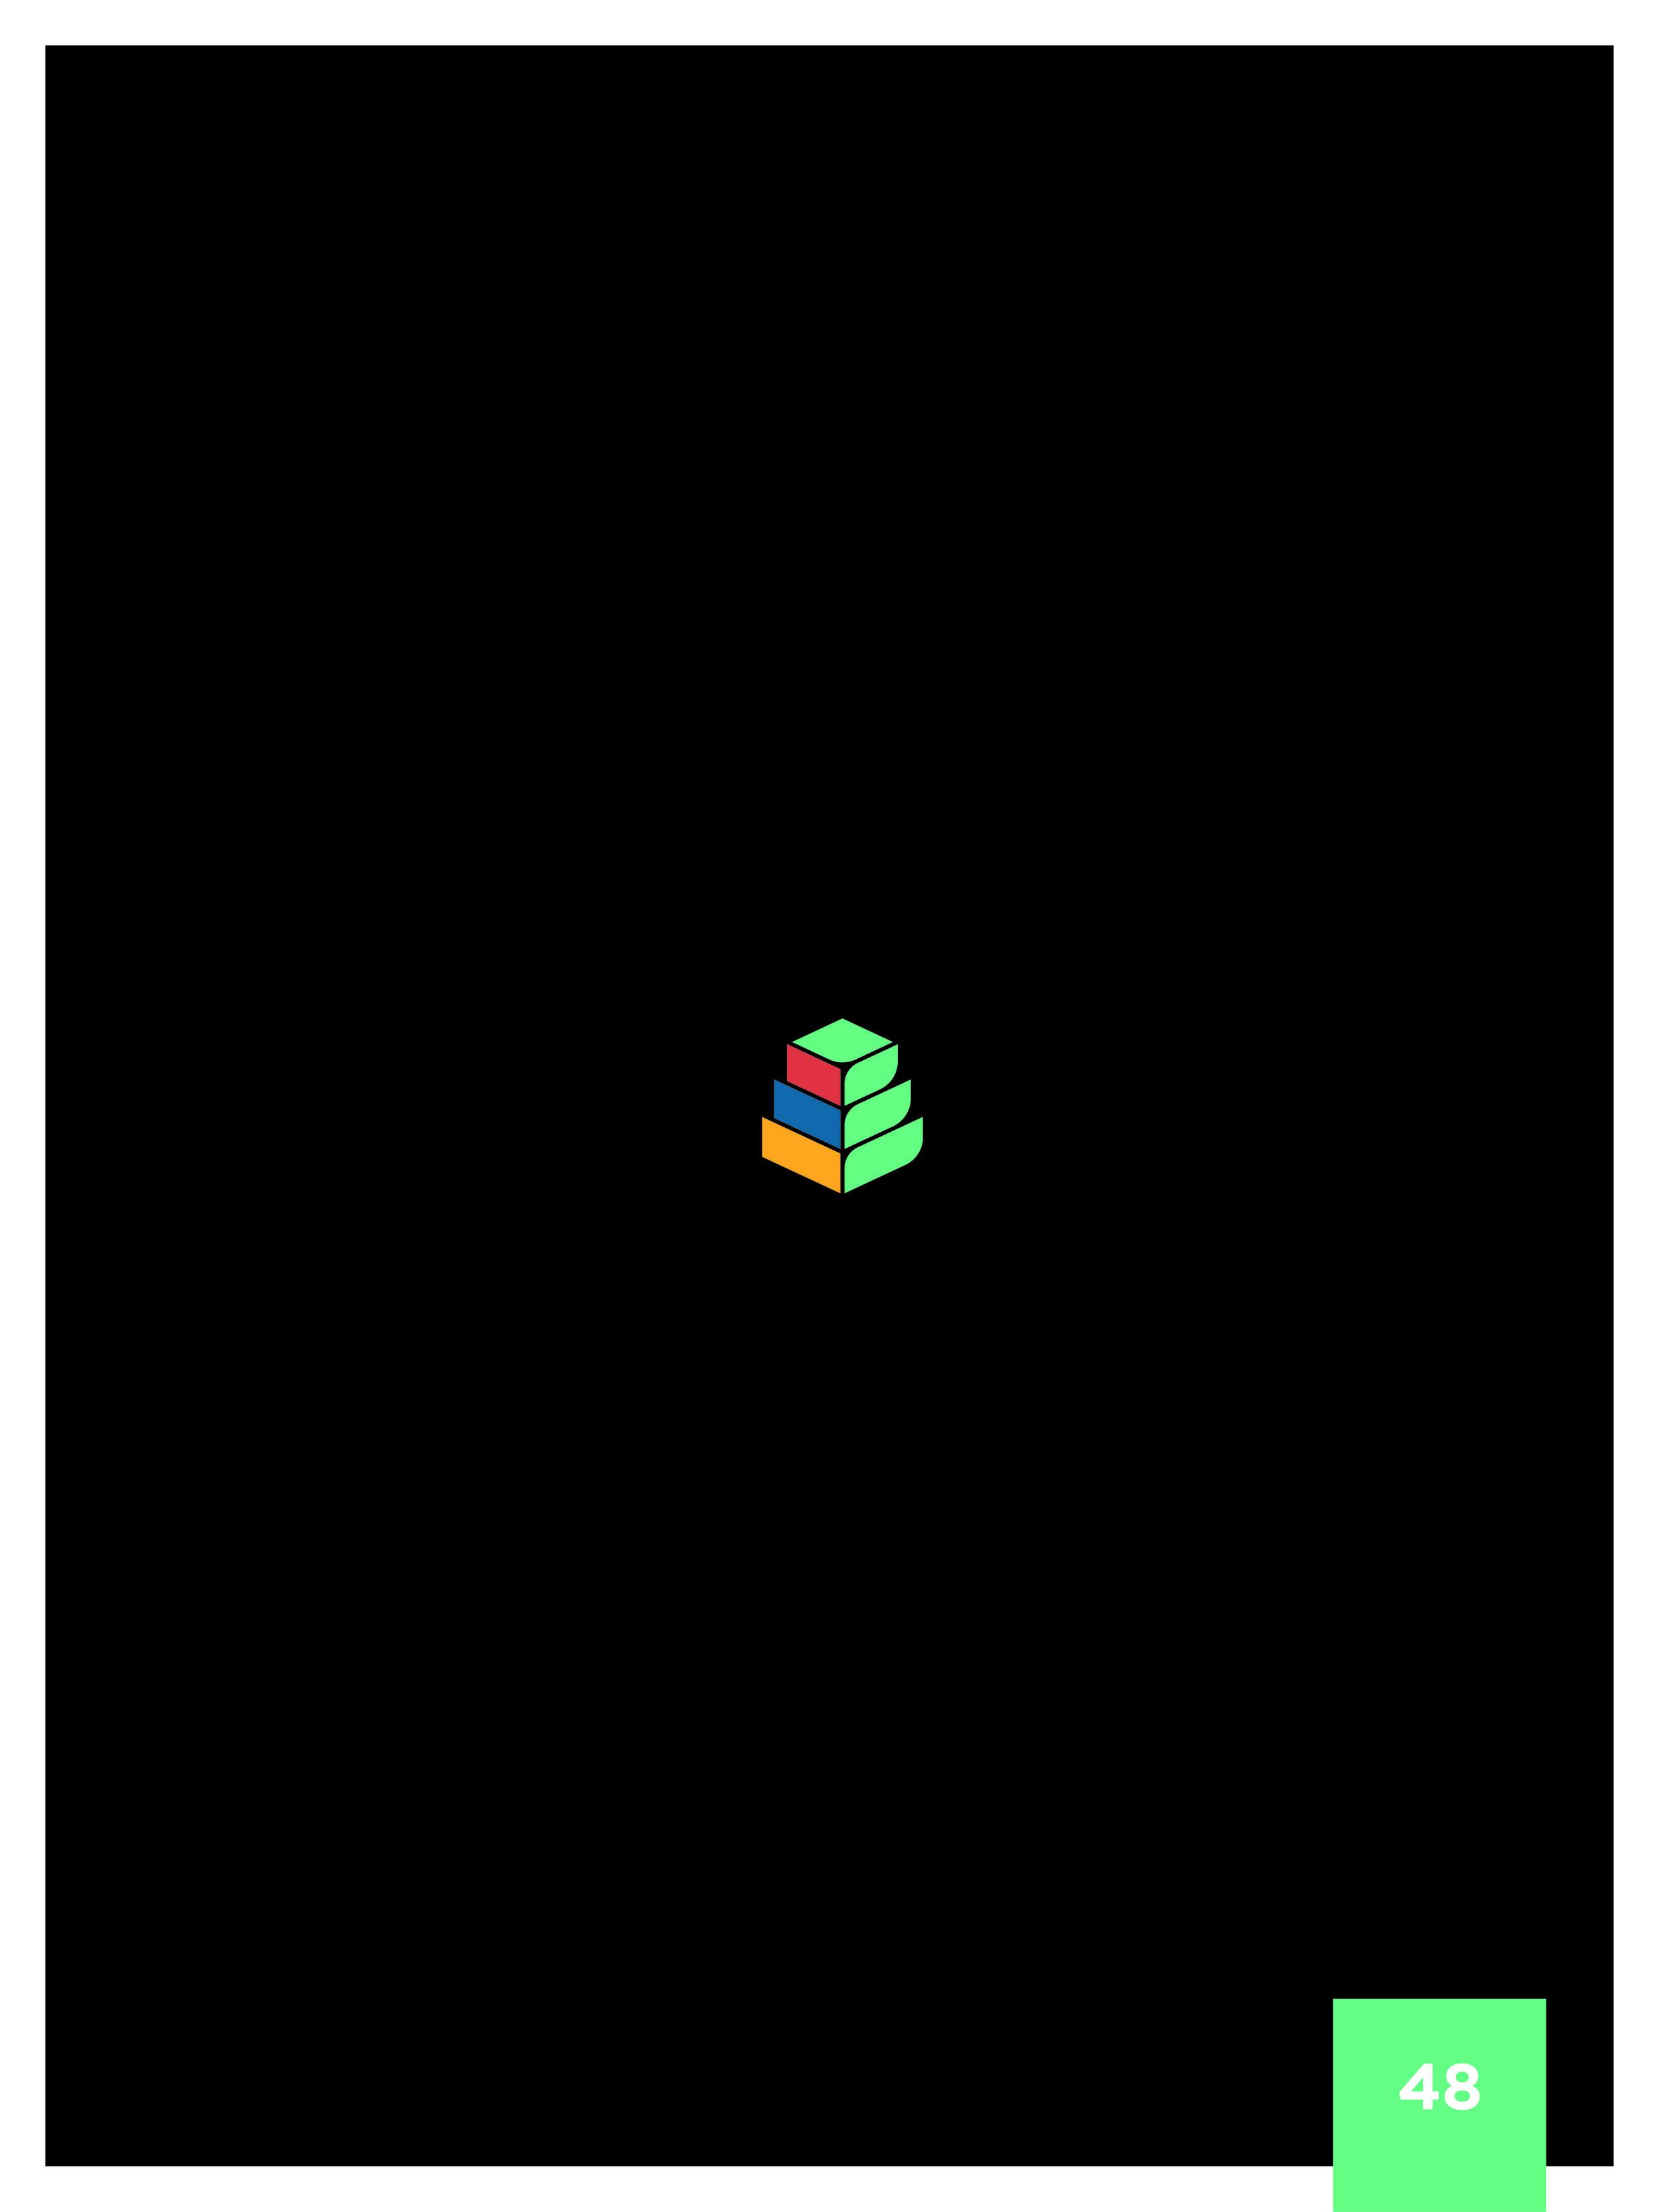 TPBrandGuide48.jpg